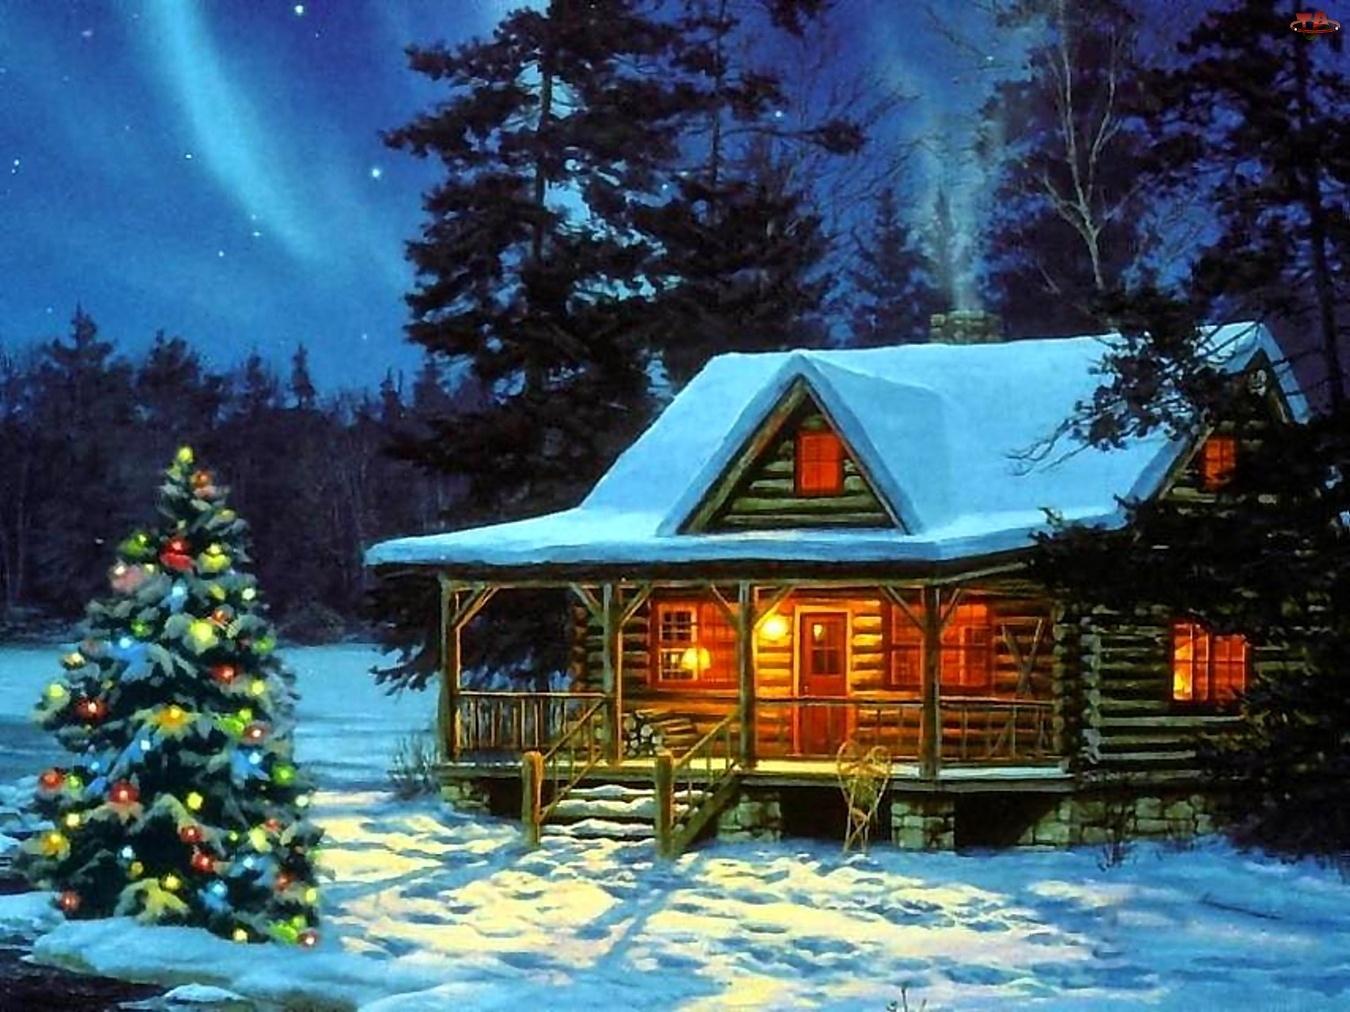 Zima, Narodzenie, Dom, Malarstwo, Choinka, Boże